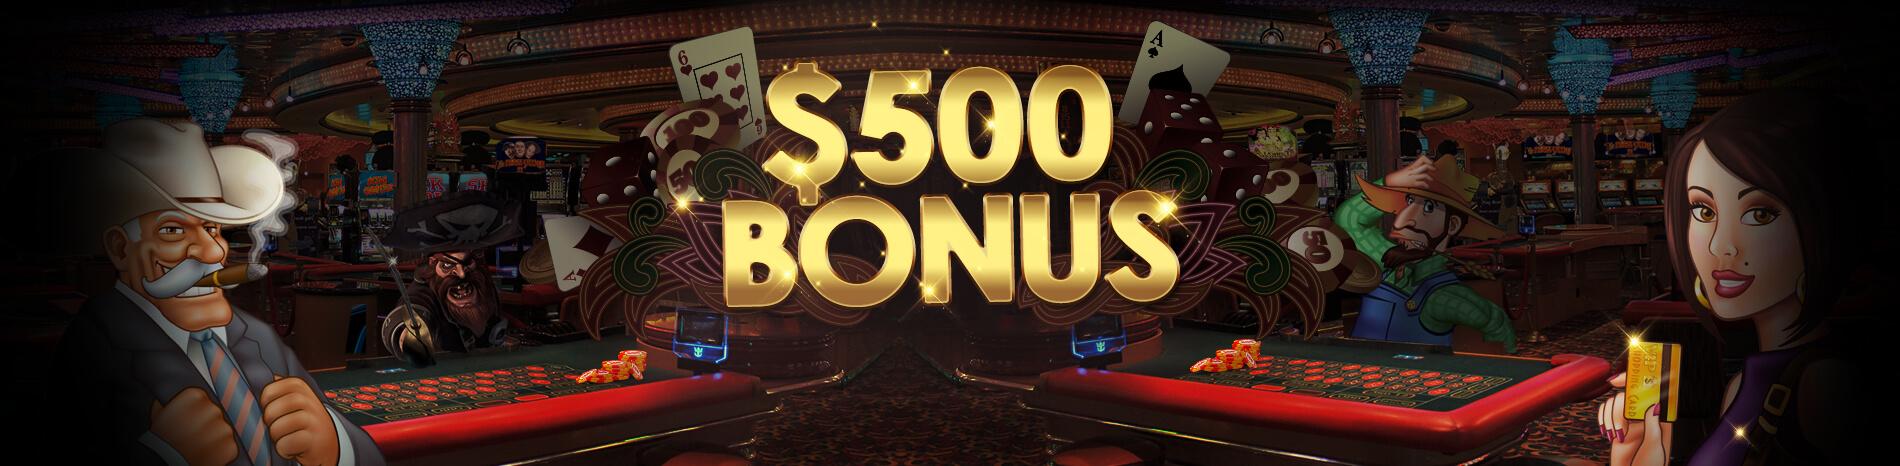 Gala bingo bonus slots 10 get 40